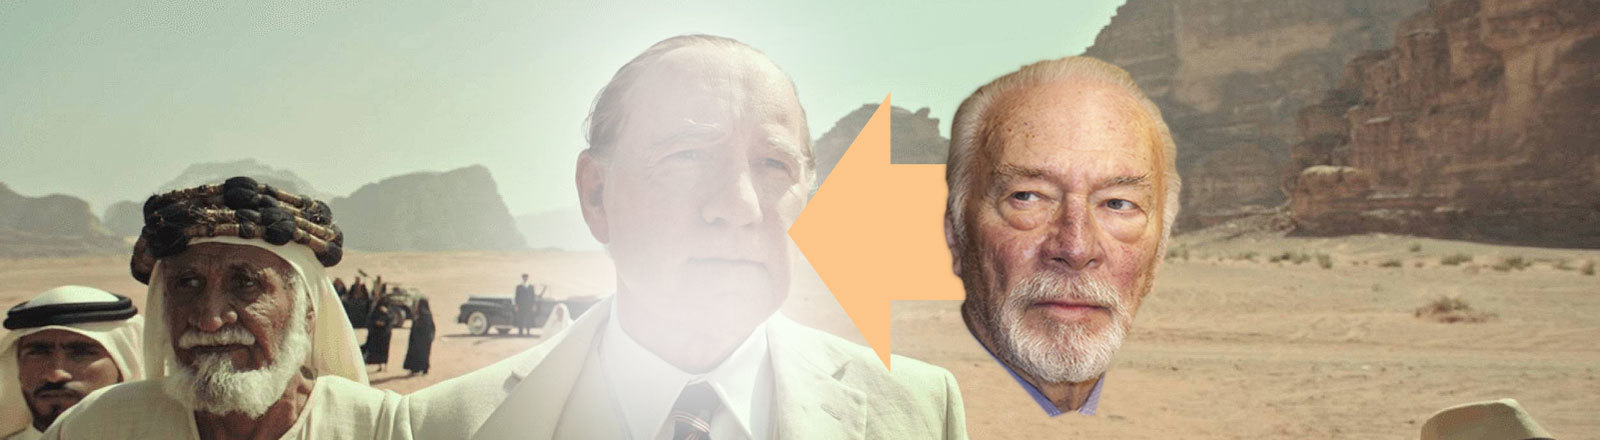 """Filmstill """"Alles Geld der Welt"""" von Ridley Scott: Das Gesicht von Kevin Spacey ist leicht ausradiert, daneben das Gesicht von Christopher Plummer, der Spacey ersetzen soll"""